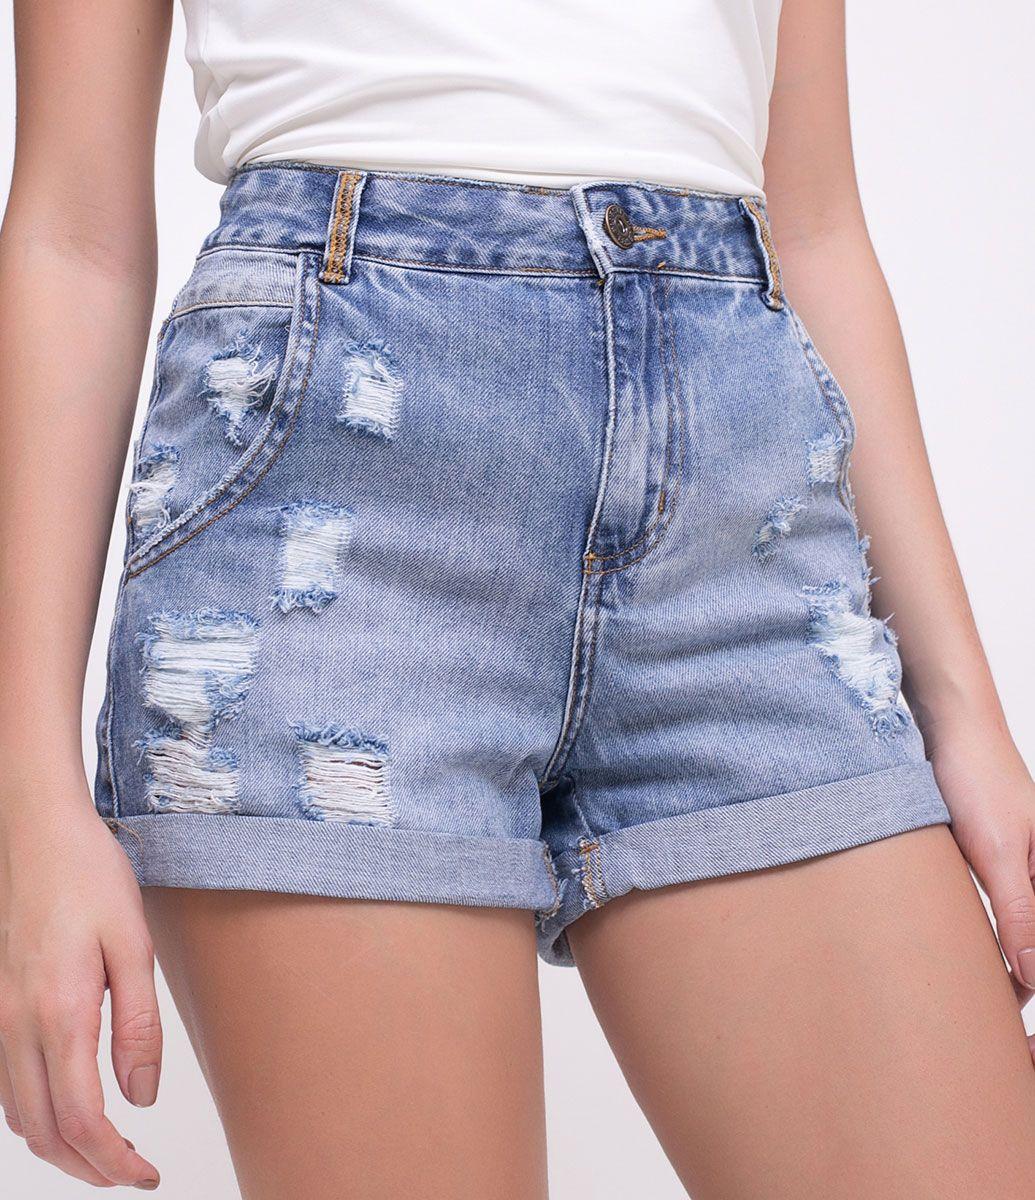 4f1f894ebd Short feminino Modelo boyfriend Com puídos Marca  Blue Steel Tecido  jeans  Composição  100% algodão Modelo veste tamanho  36 Medidas do modelo   Altura  1.72 ...